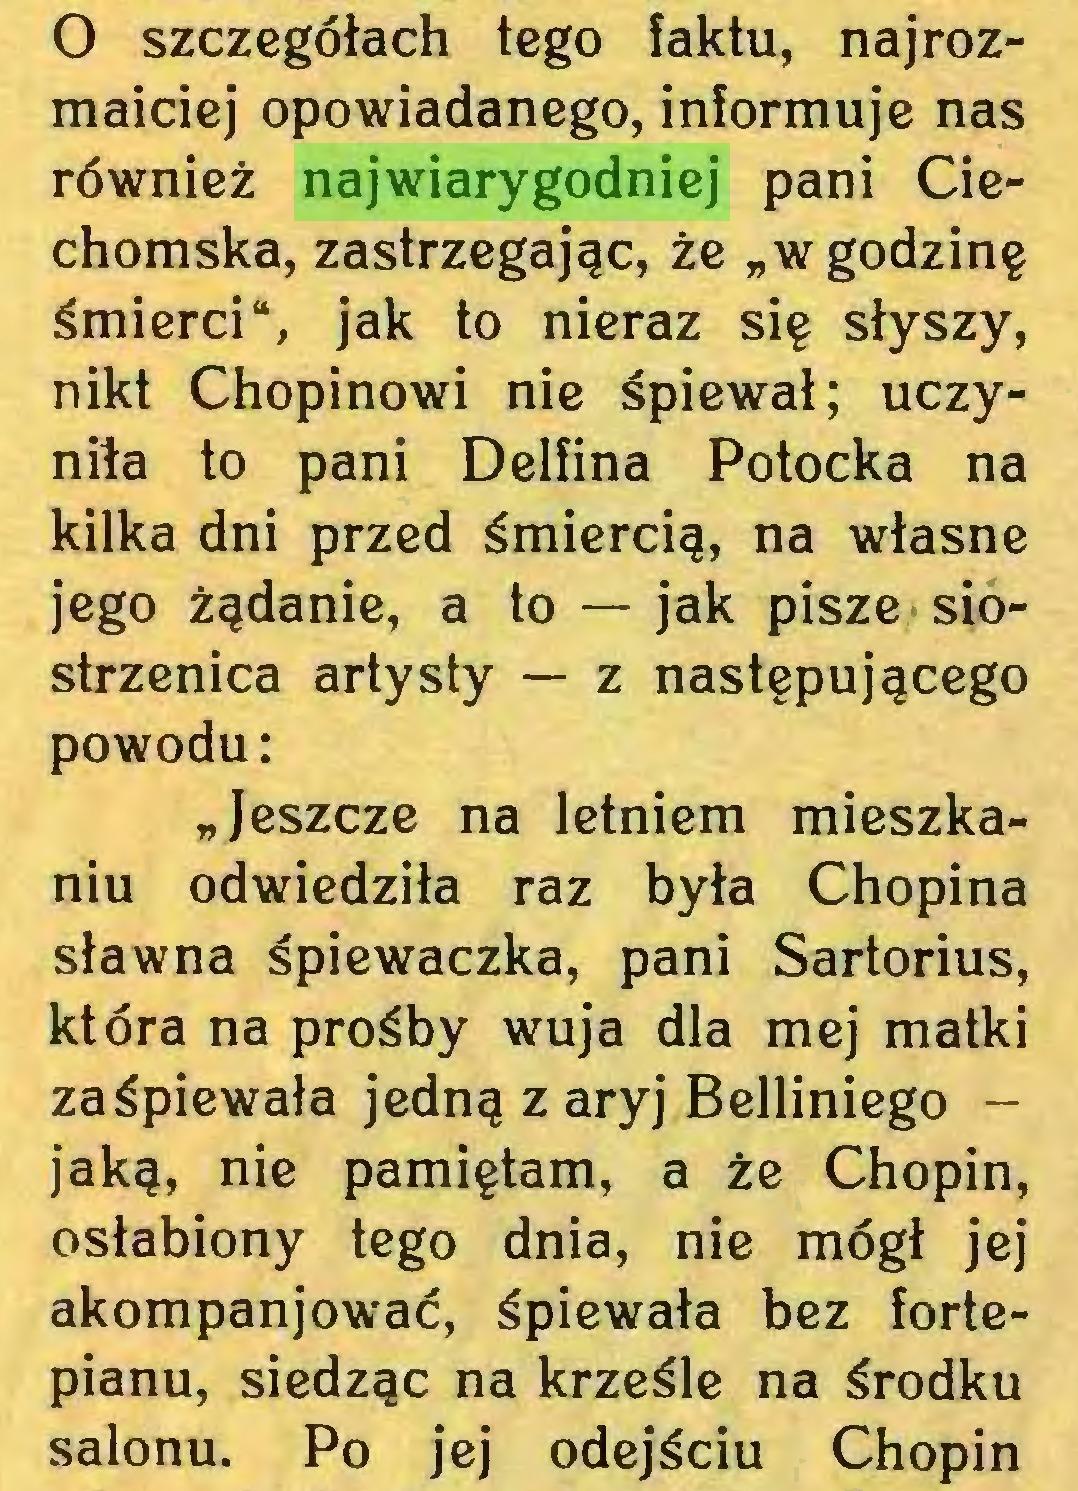 """(...) 0 szczegółach tego faktu, najrozmaiciej opowiadanego, informuje nas również najwiarygodniej pani Ciechomska, zastrzegając, że """"w godzinę śmierci"""", jak to nieraz się słyszy, nikt Chopinowi nie śpiewał; uczyniła to pani Delfina Potocka na kilka dni przed śmiercią, na własne jego żądanie, a to — jak pisze siostrzenica artysty — z następującego powodu: """"Jeszcze na letniem mieszkaniu odwiedziła raz była Chopina sławna śpiewaczka, pani Sartorius, która na prośby wuja dla mej matki zaśpiewała jedną z aryj Belliniego jaką, nie pamiętam, a że Chopin, osłabiony tego dnia, nie mógł jej akompanjować, śpiewała bez fortepianu, siedząc na krześle na środku salonu. Po jej odejściu Chopin..."""